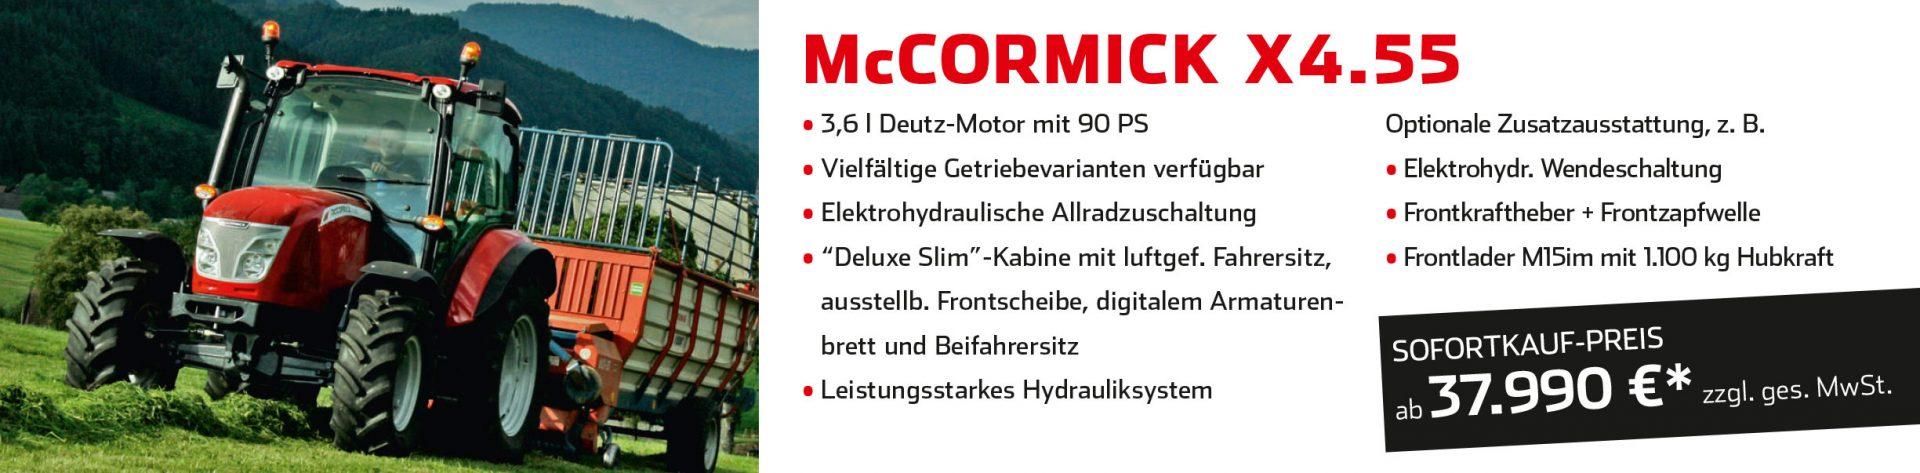 McCormick Sofortkauf-Aktion bei Land- und Gartentechnik Gstöttenmeier, Wartberg ob der Aist, Freistadt